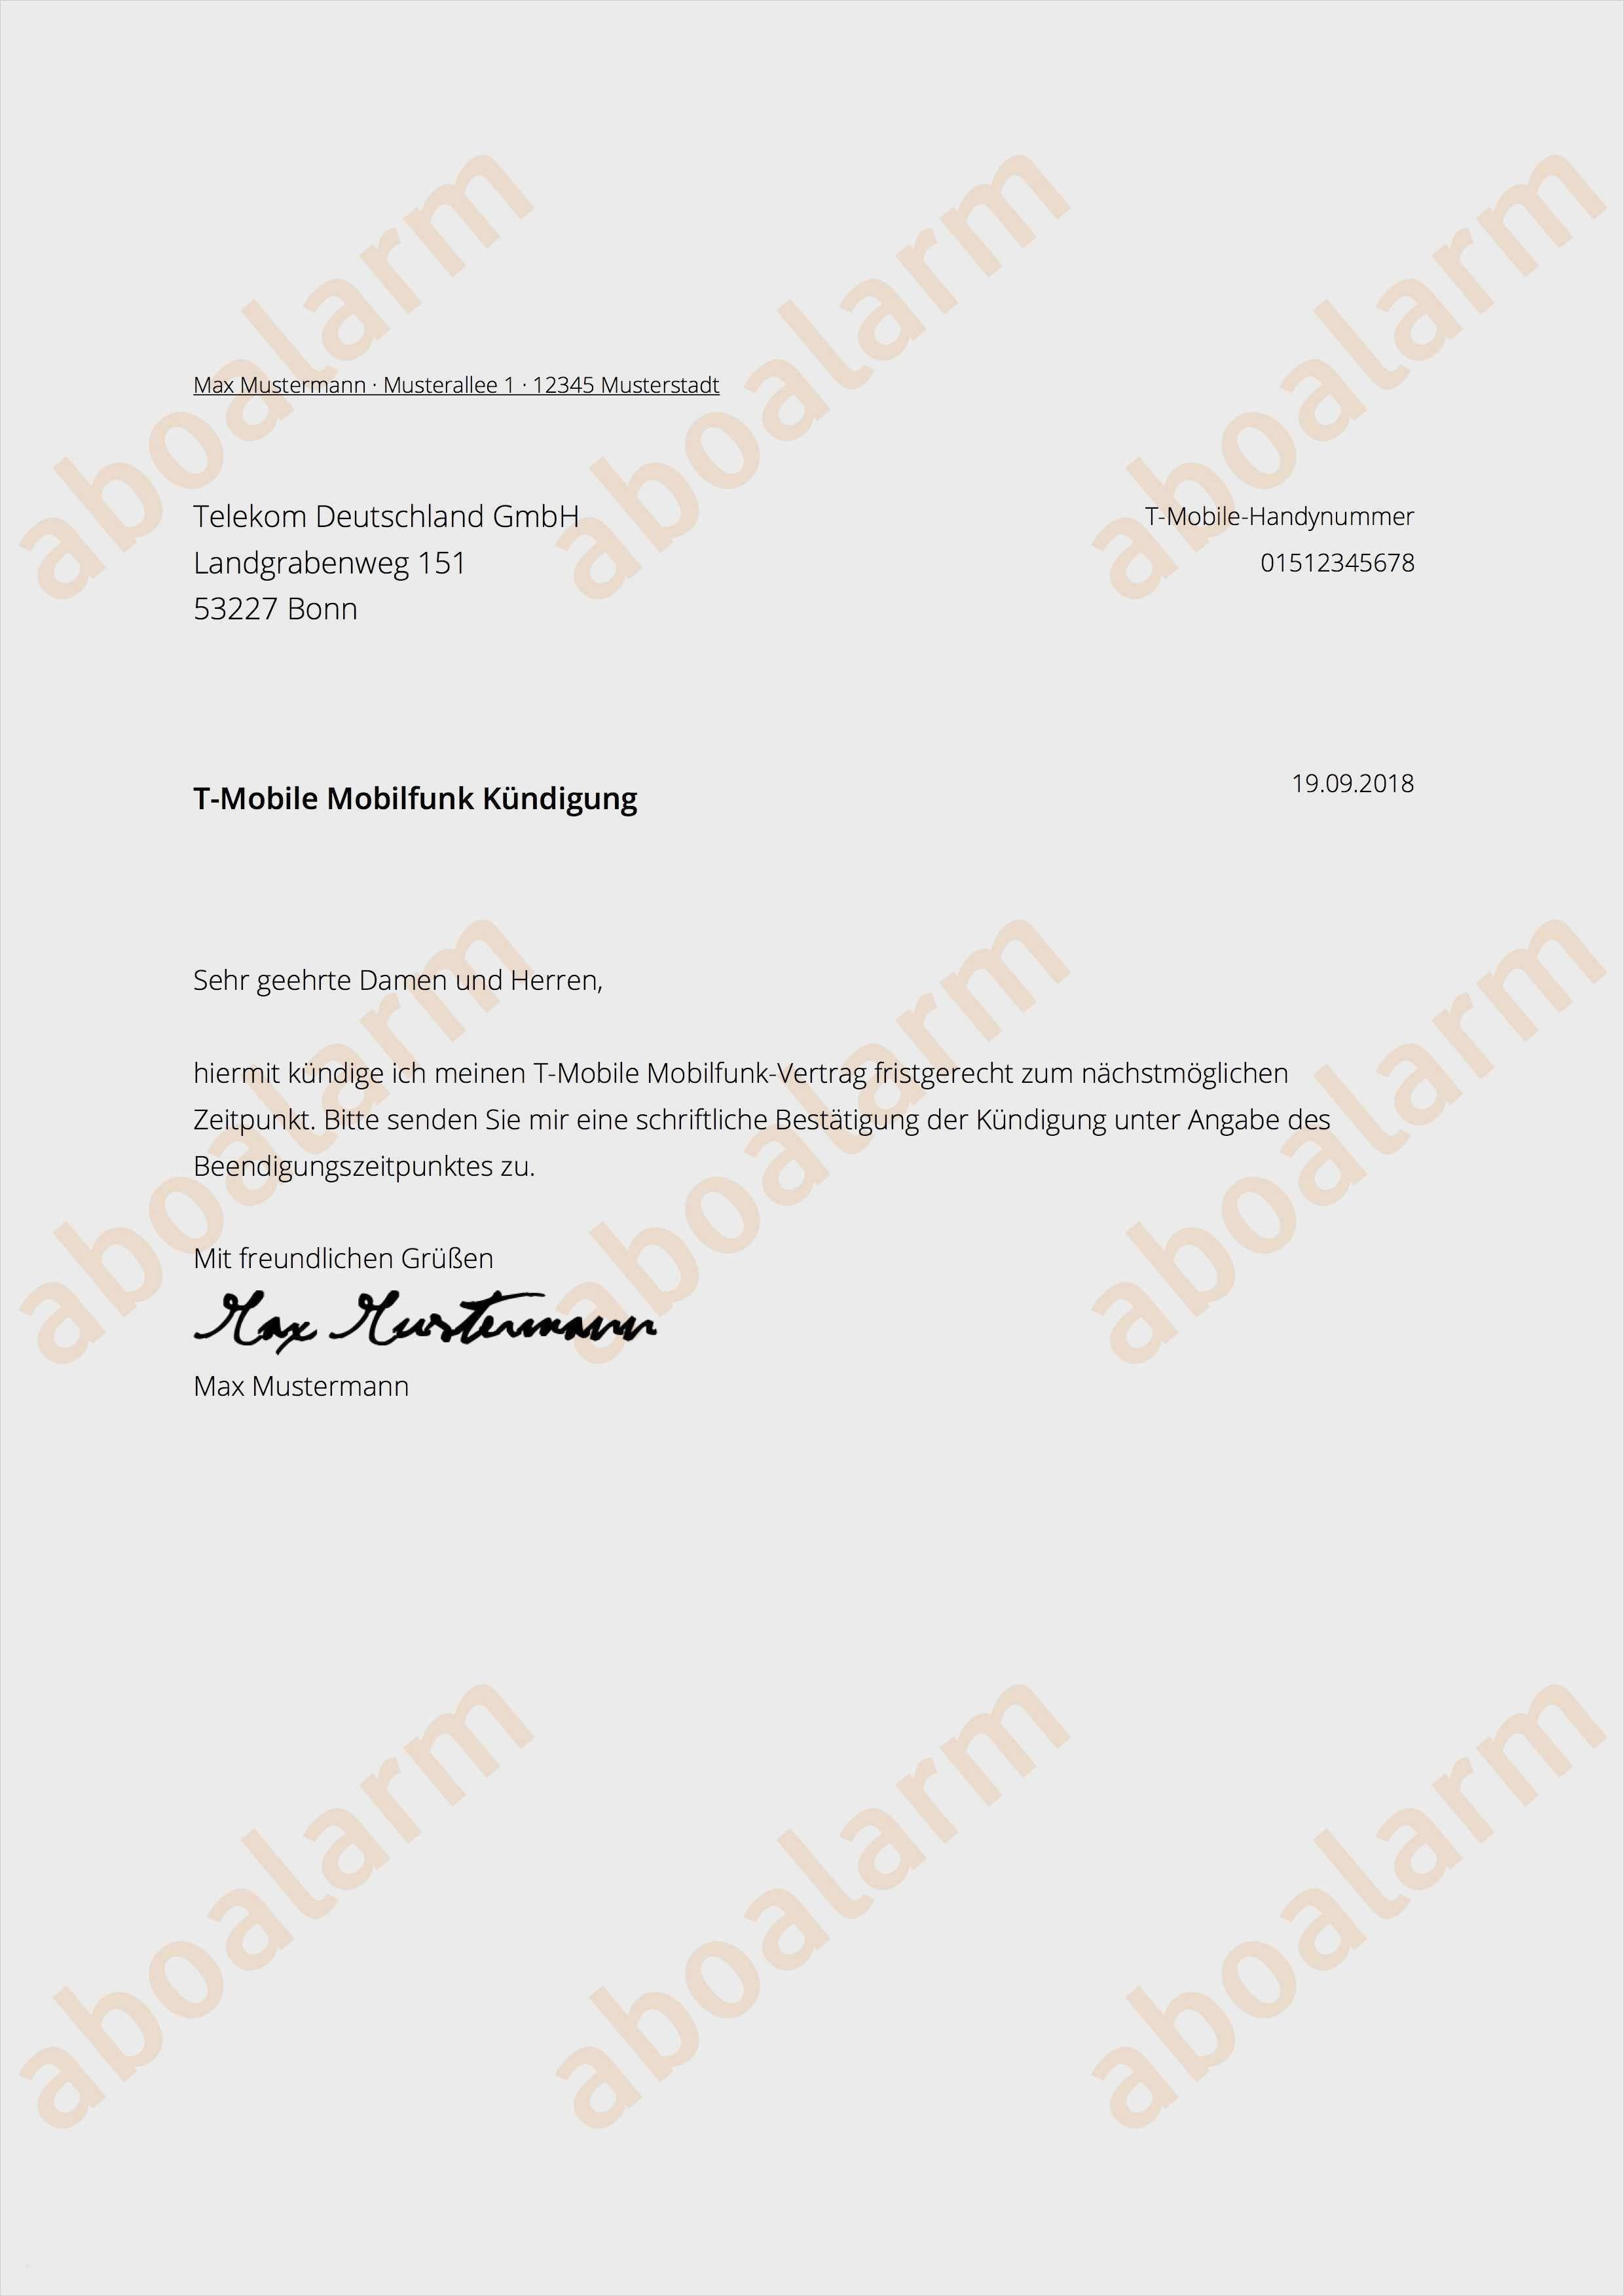 34 Schon Telekom Kundigung Pflegeheim Vorlage Praktisch Diese Konnen Anpassen Fur Ihre Ideen In 2020 Vorlagen Word Vorlagen Flugblatt Design